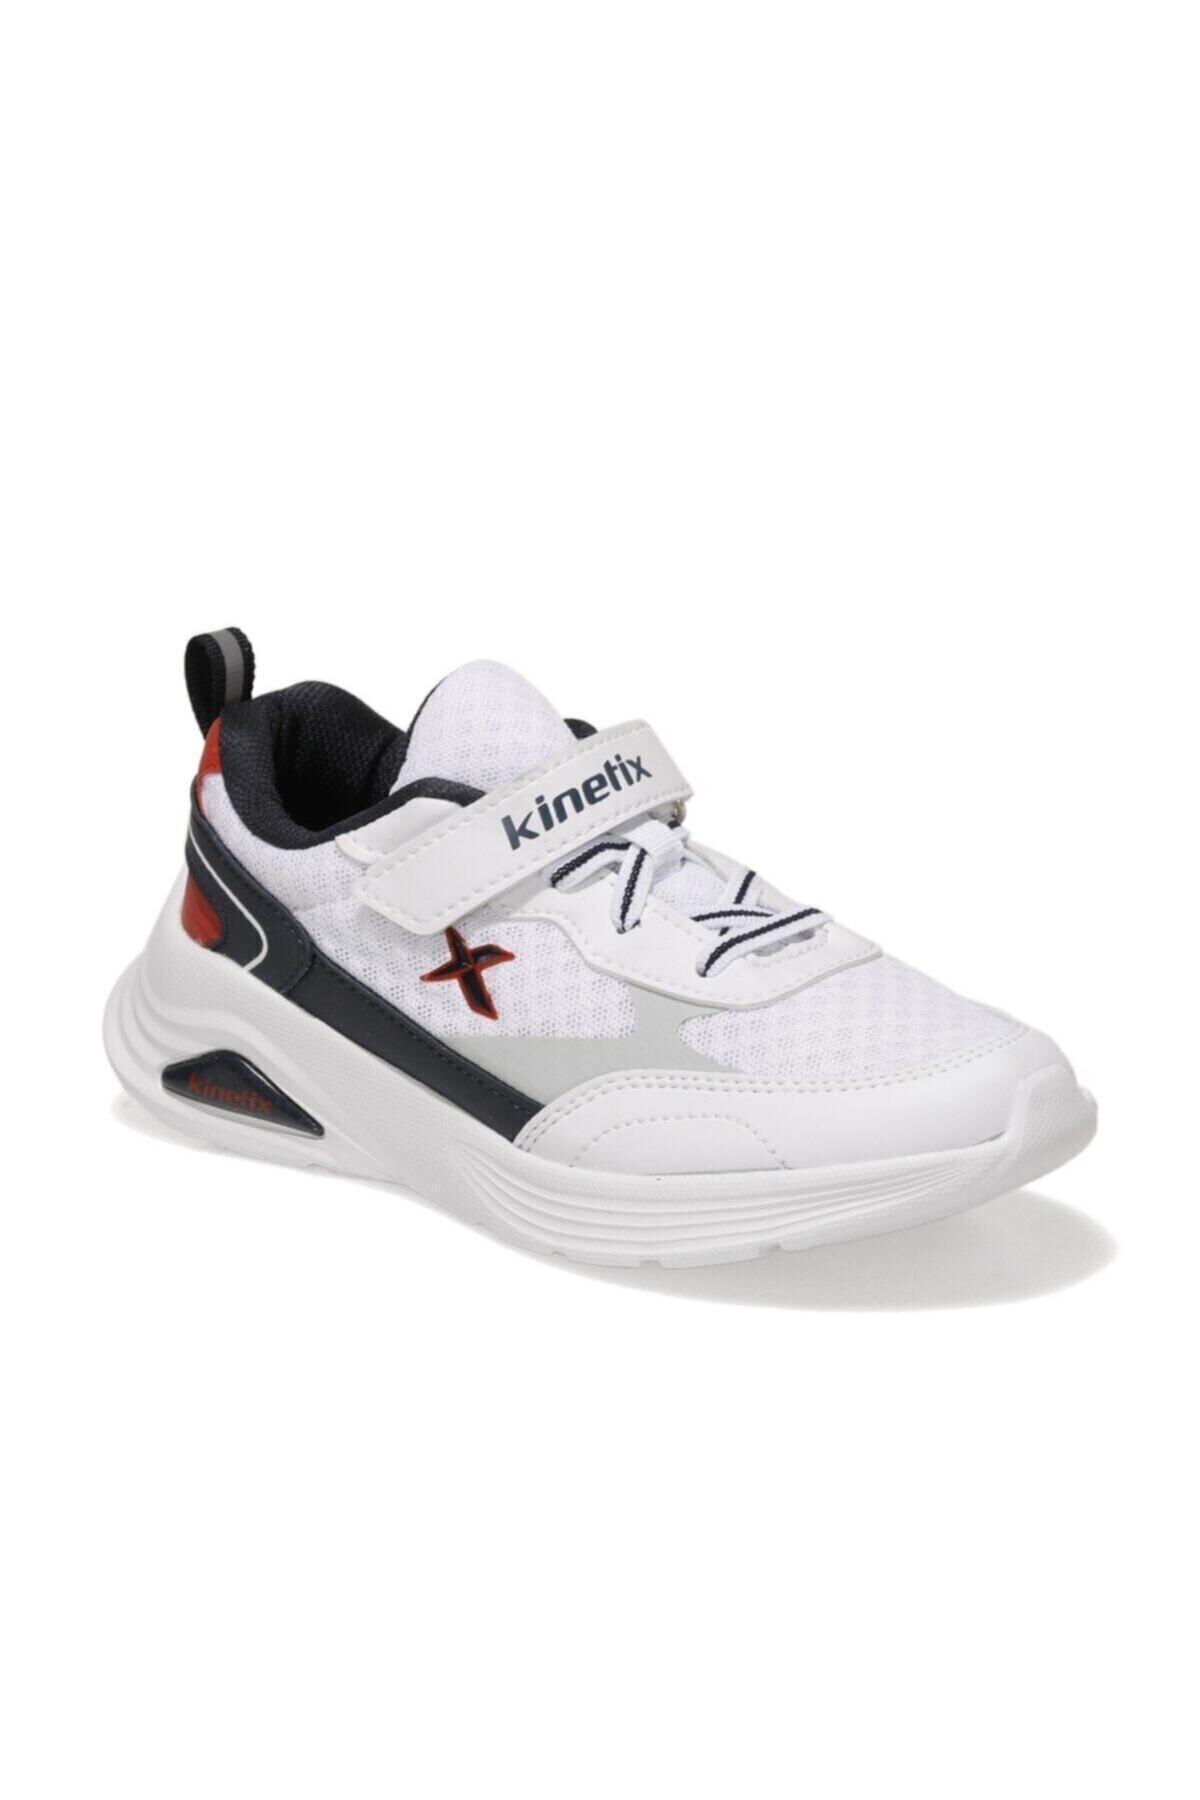 STARK J 1FX Beyaz Erkek Çocuk Koşu Ayakkabısı 100586332